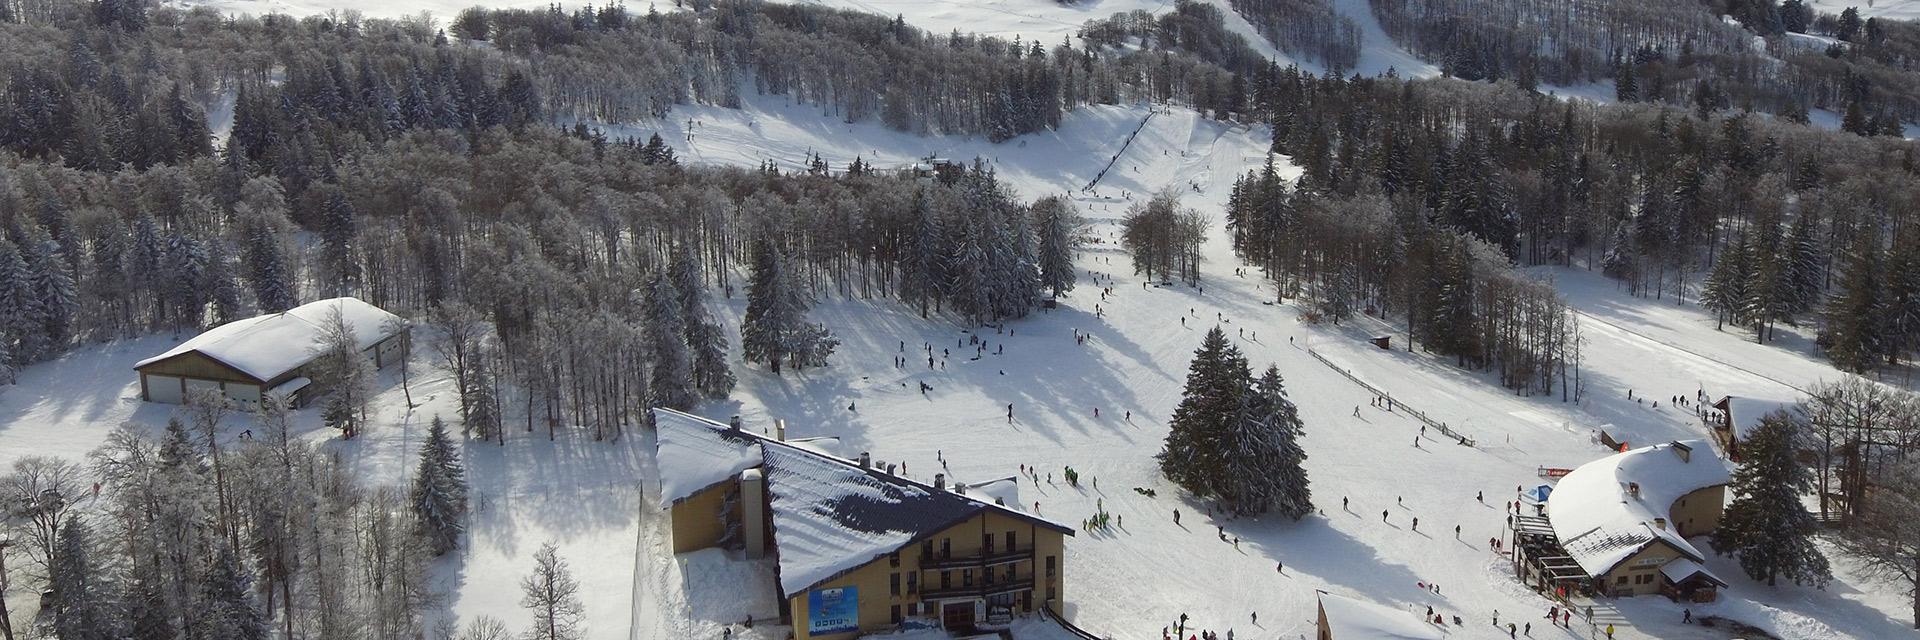 village-vacances-cap-france-font-durle-vue-exterieure-neige